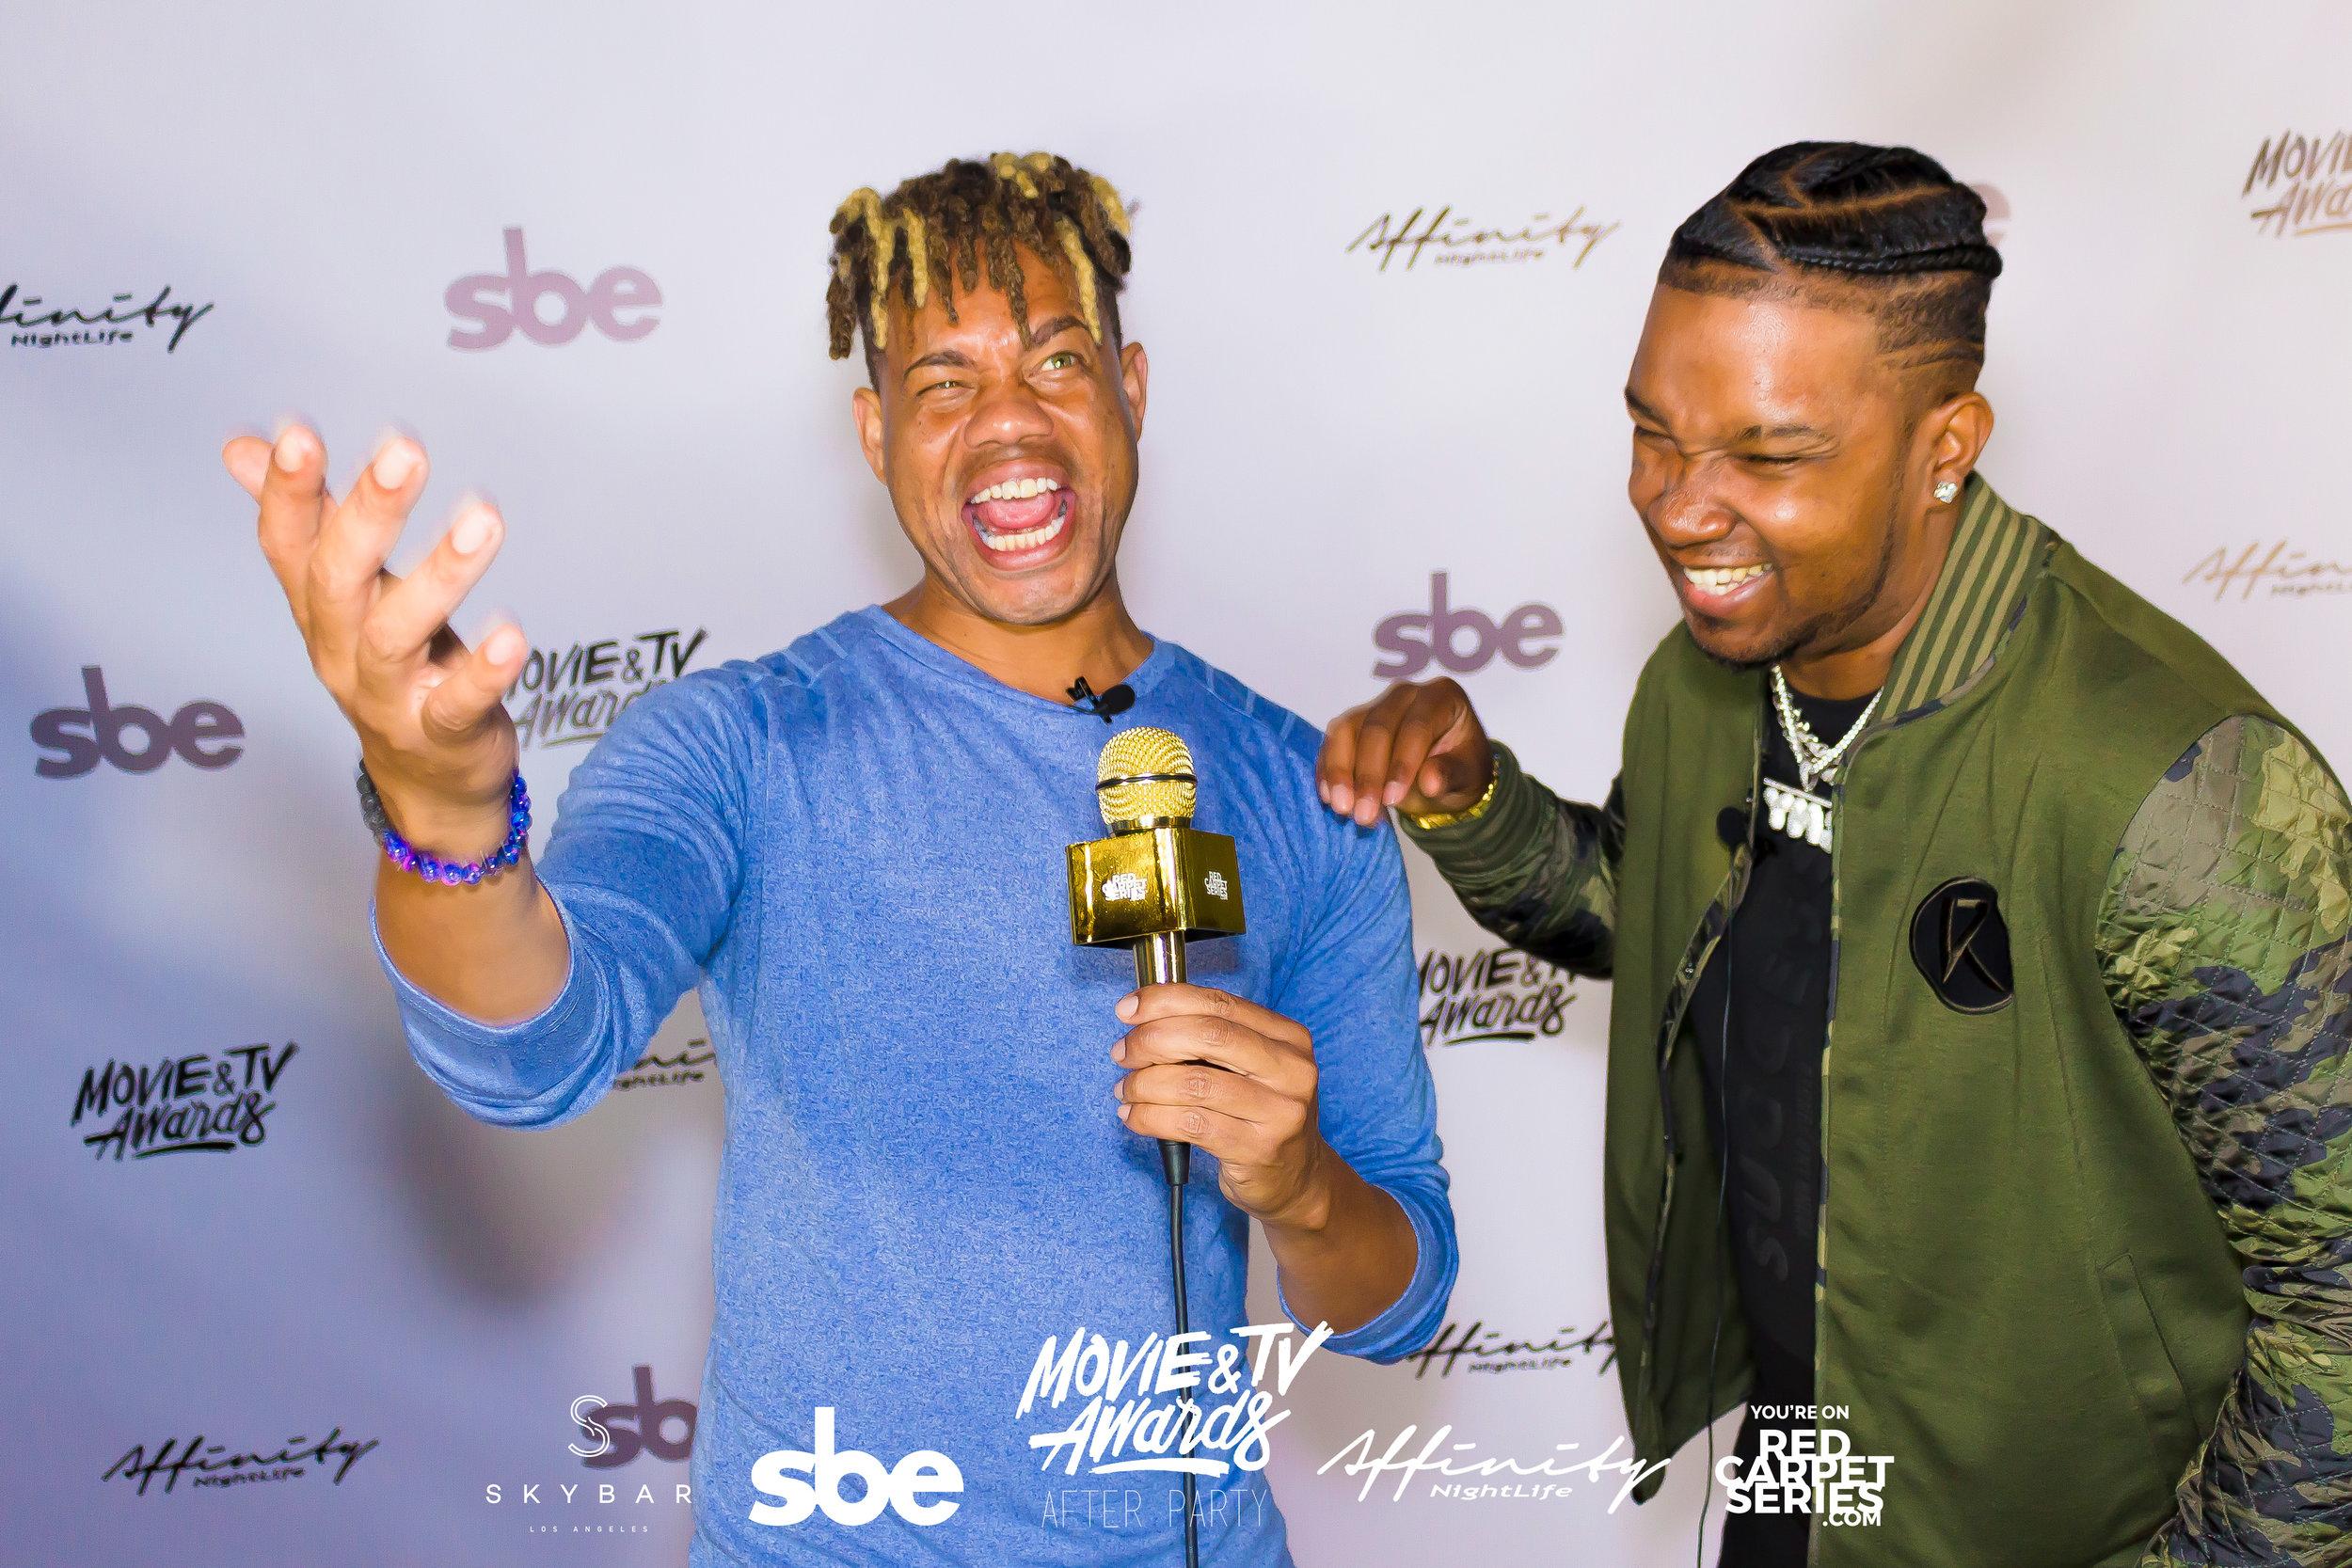 Affinity Nightlife MTV Movie & TV Awards After Party - Skybar at Mondrian - 06-15-19 - Vol. 1_81.jpg